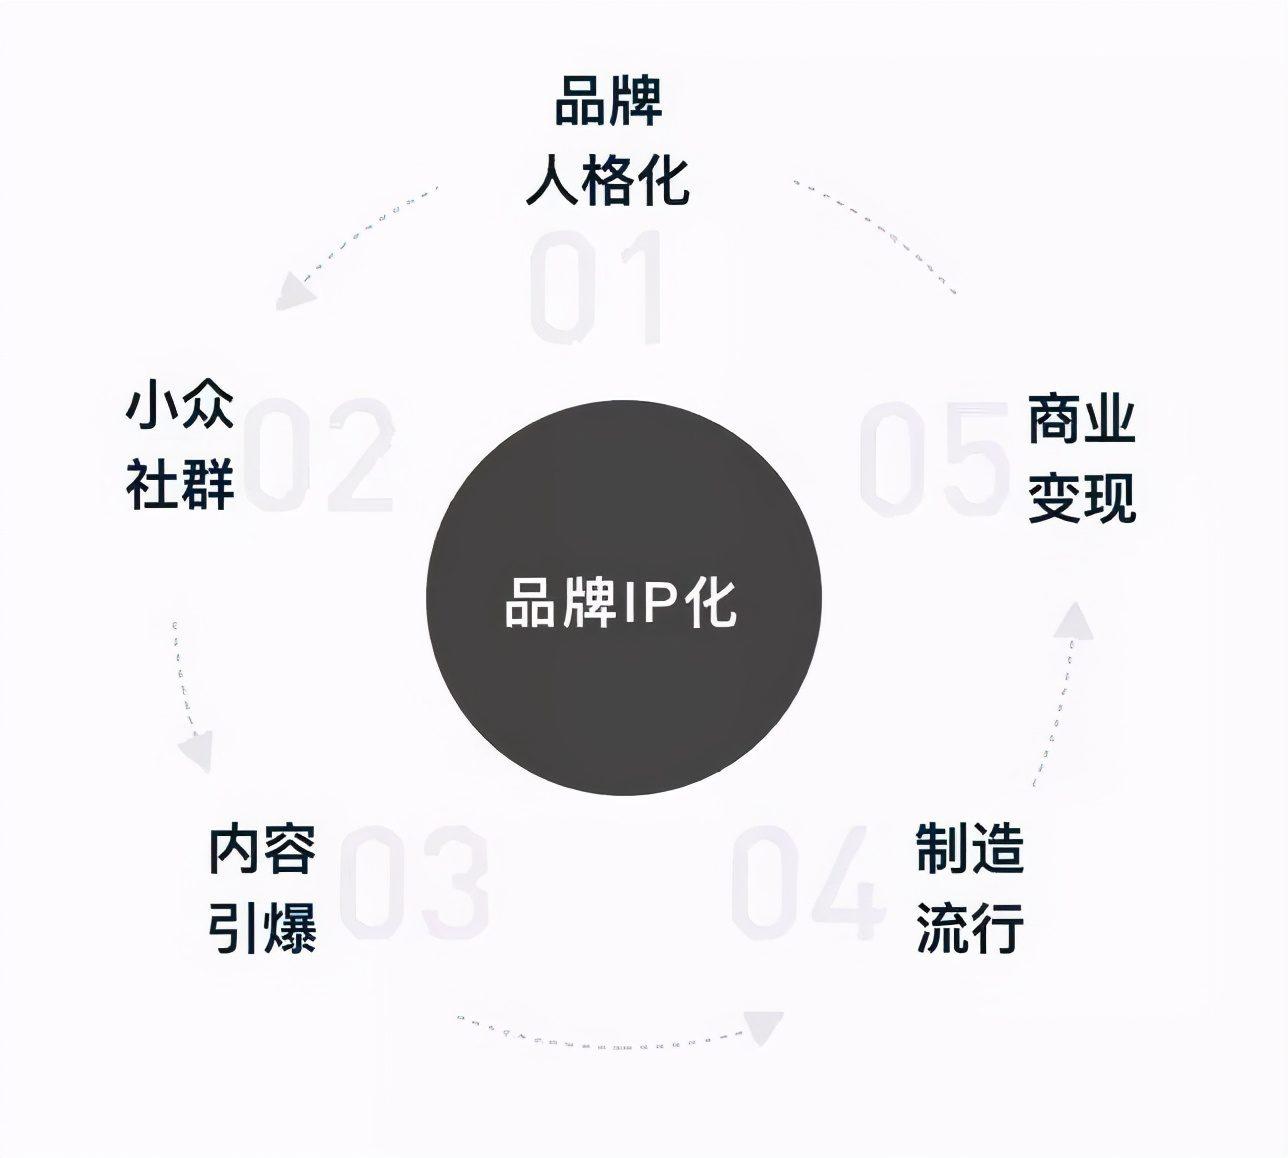 青蓝互动:互联网营销联动之下,品牌IP的圈层化你赶上了吗?